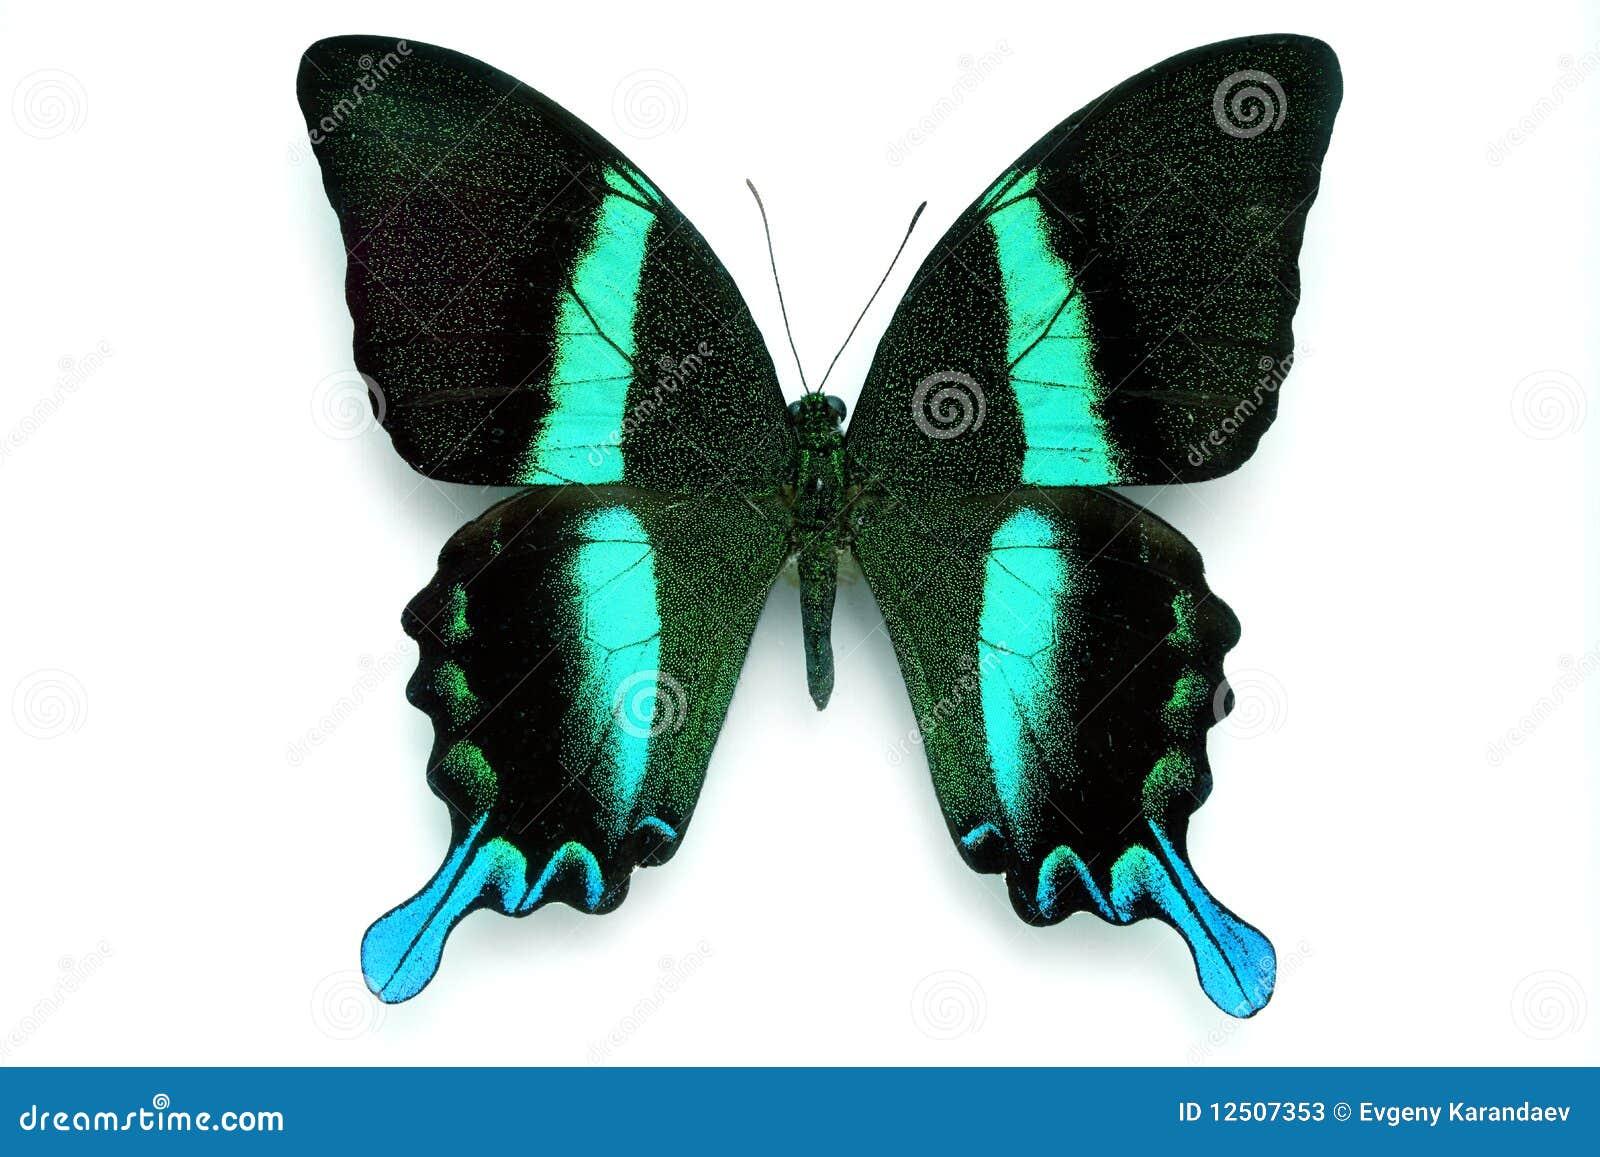 21 mooie kleurrijke vlinder - photo #35